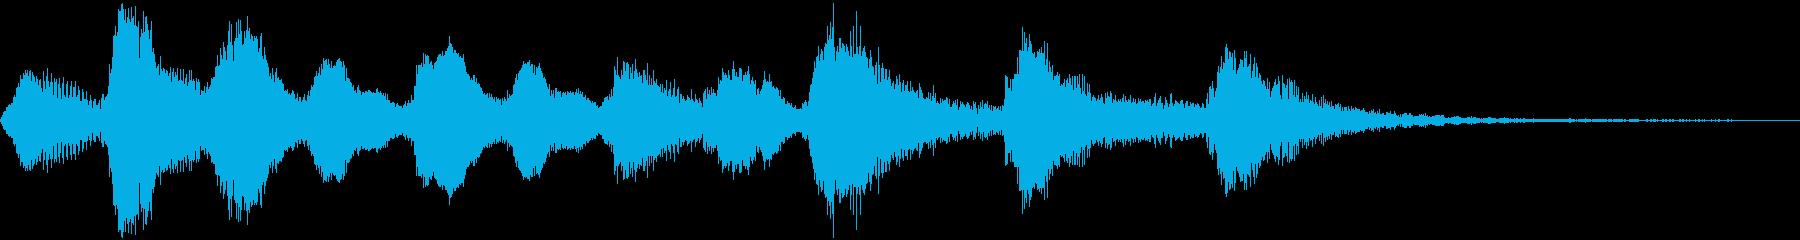 ほのぼのとした管弦楽のジングルの再生済みの波形